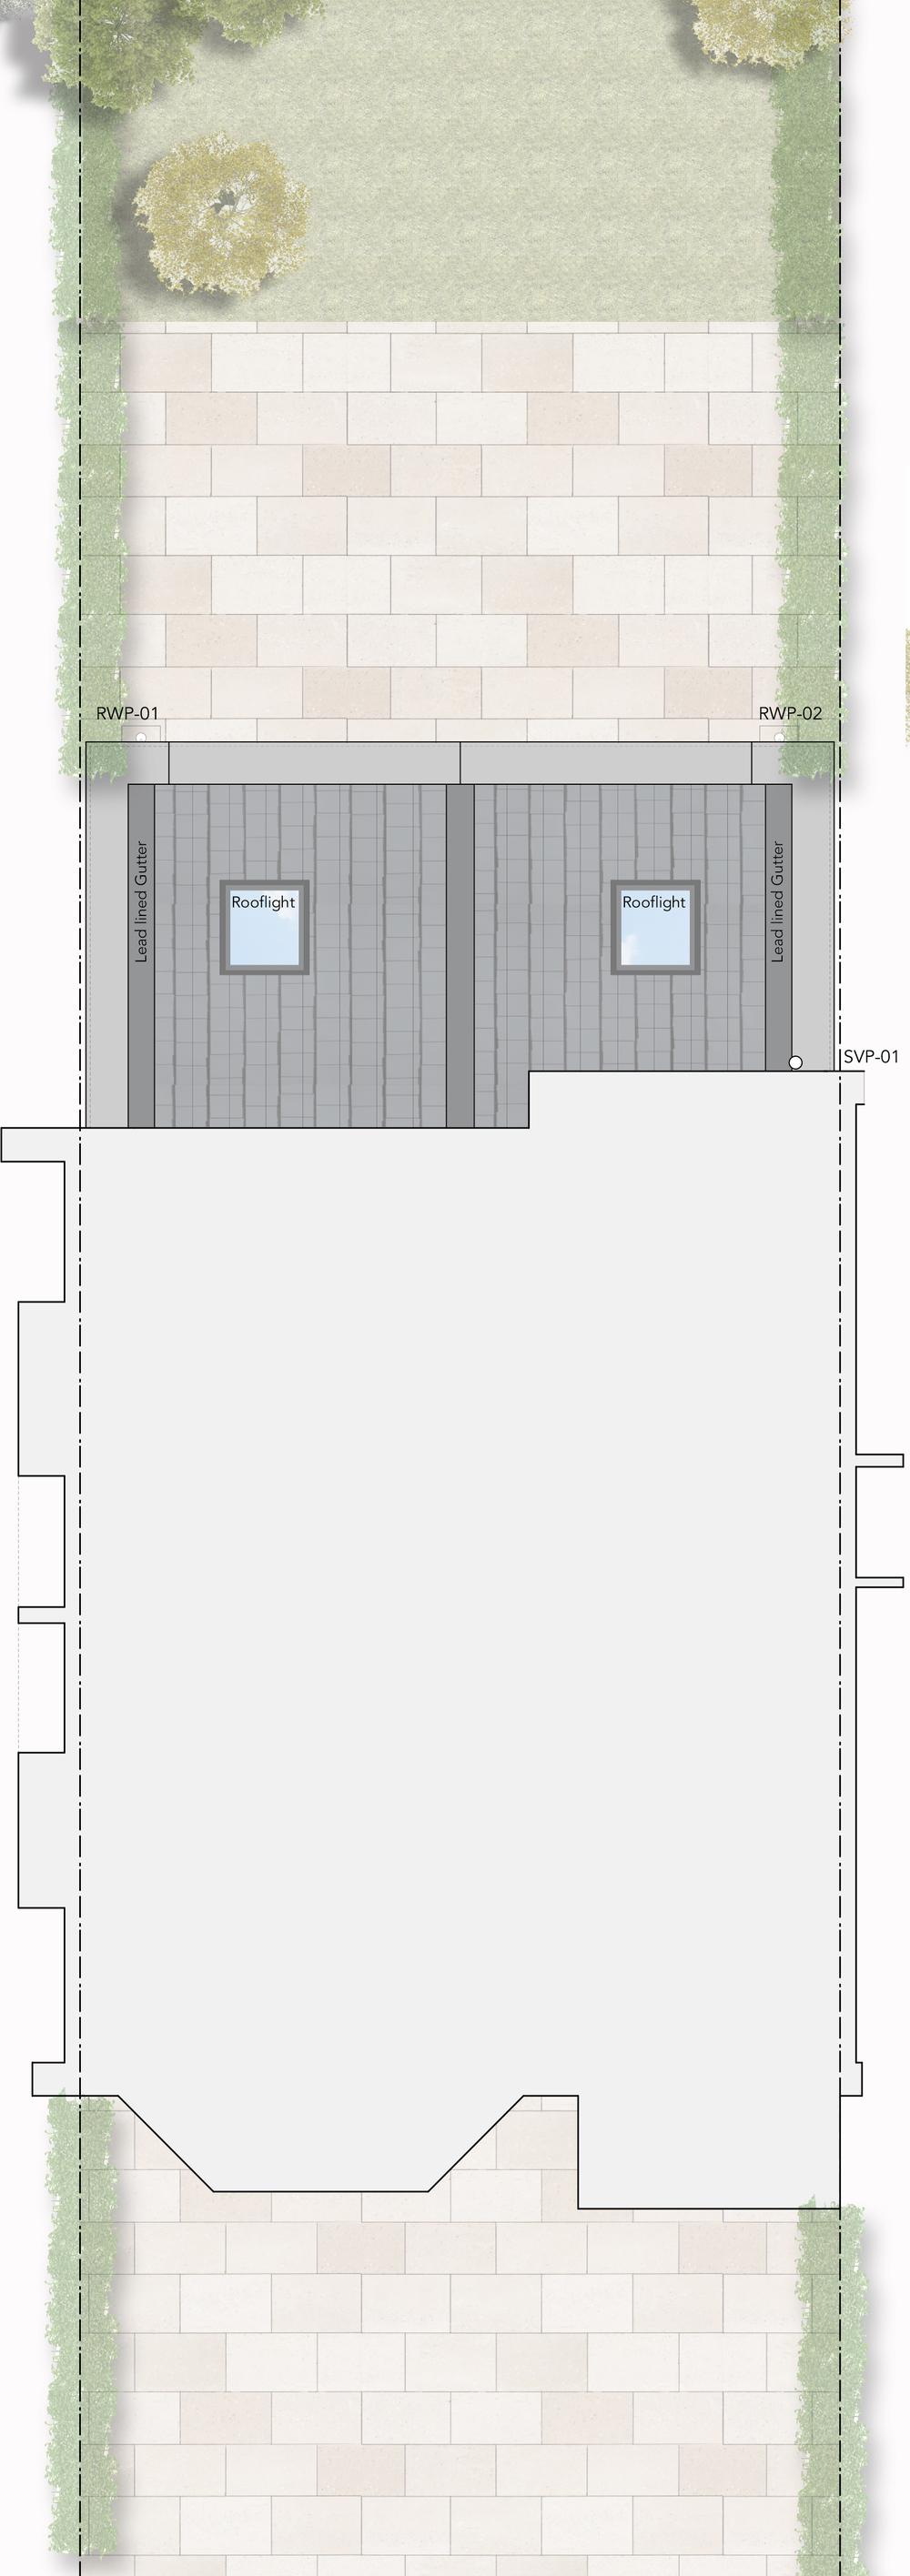 A182 roof plan.jpg